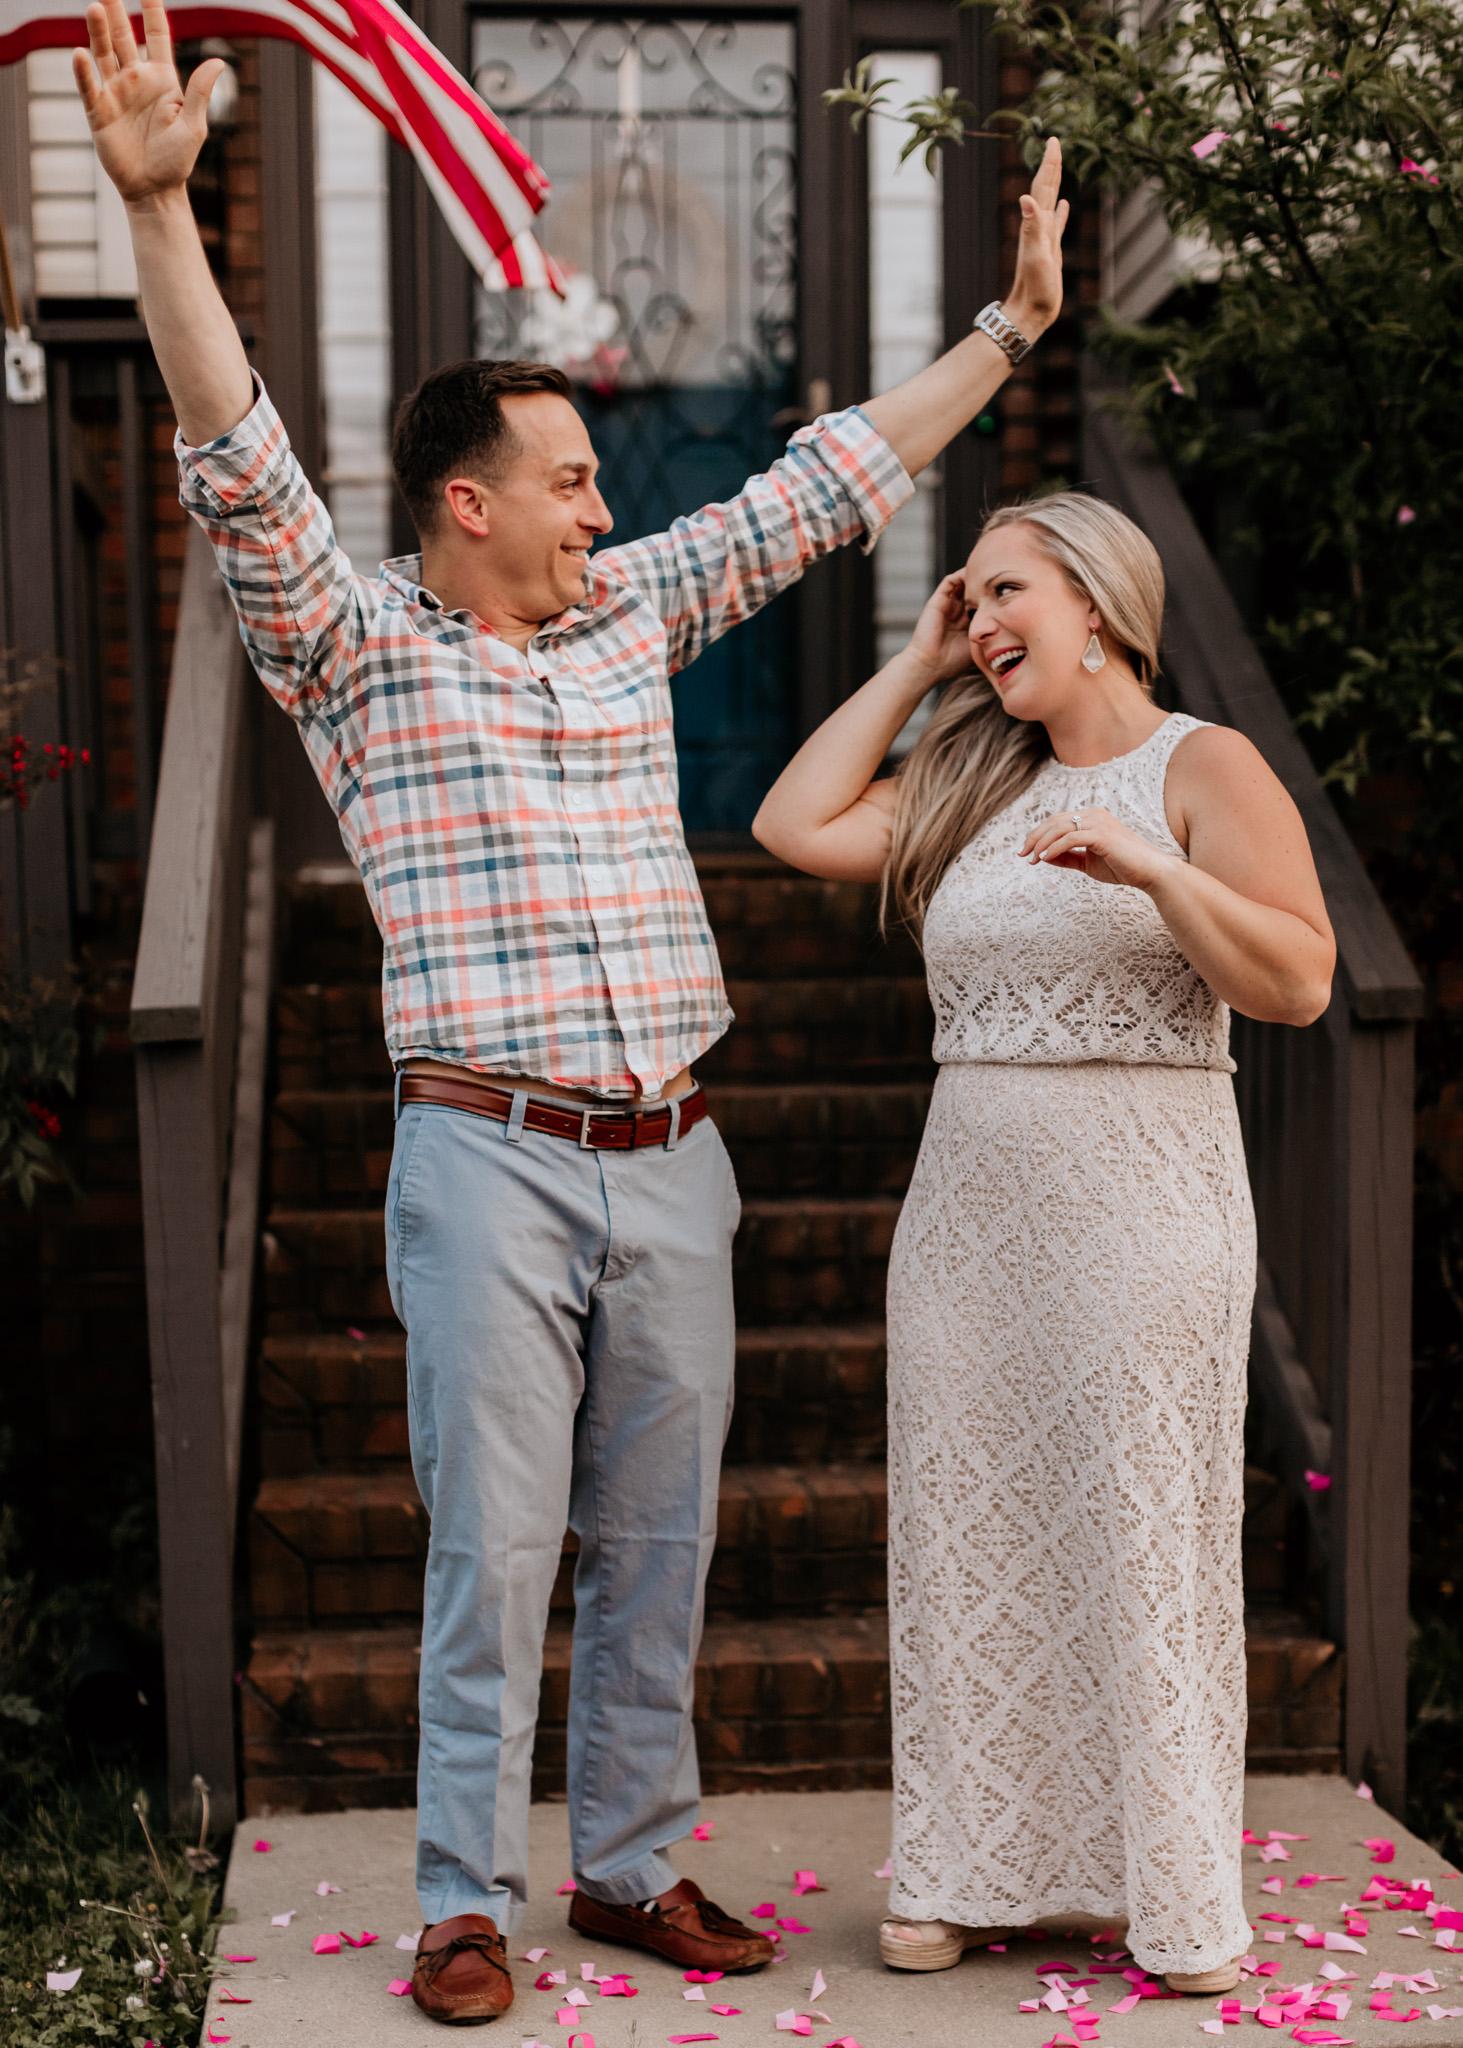 dad celebrating gender reveal